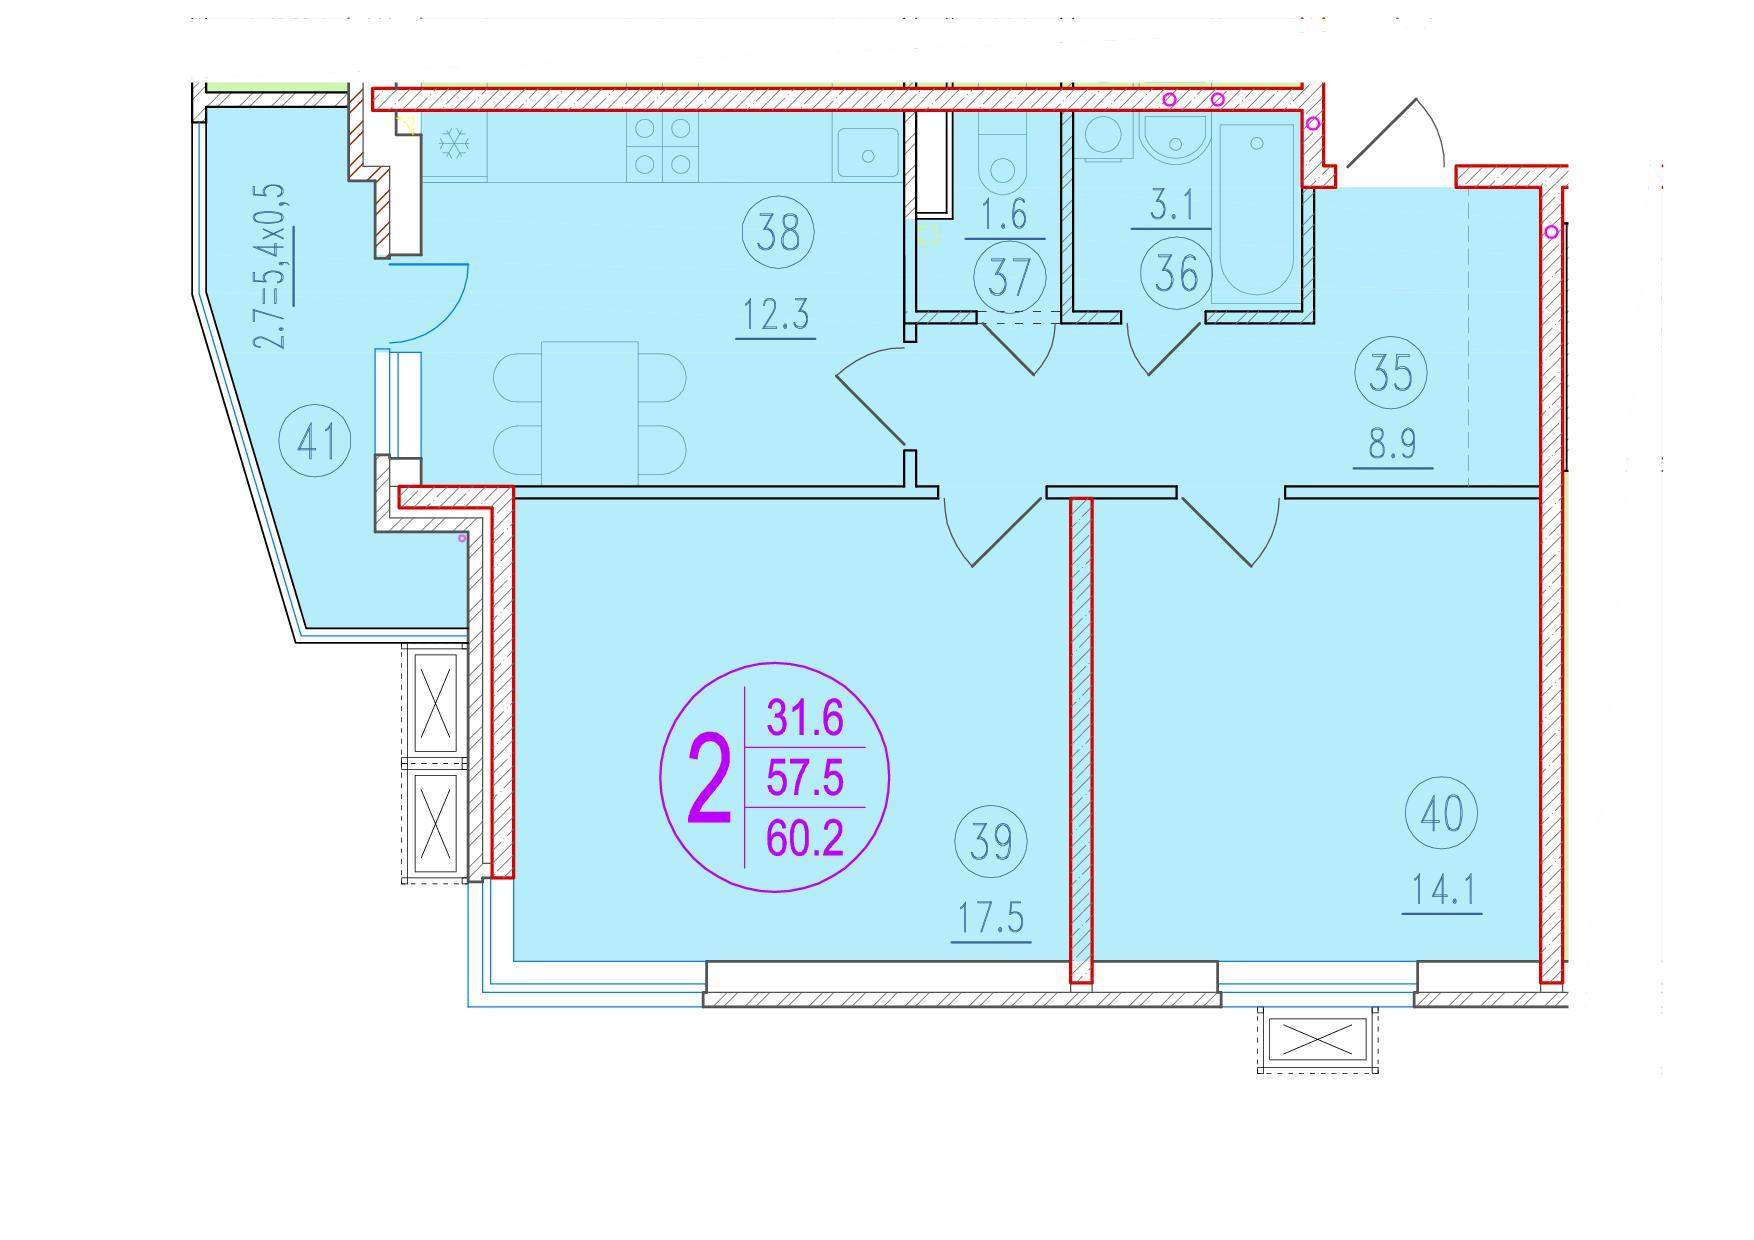 2-комнатная 60.2<span>м<sup>2</sup></span>